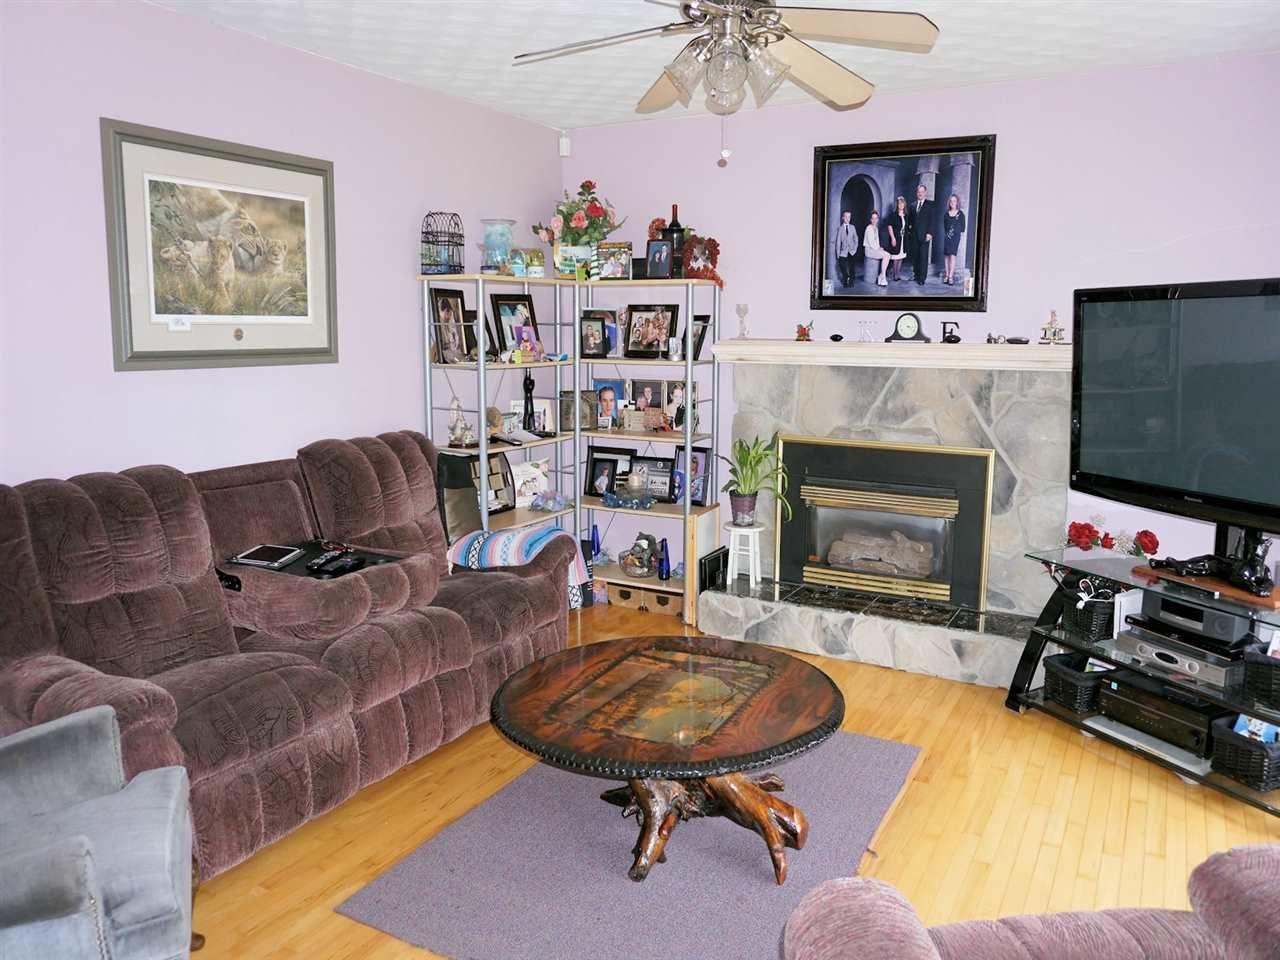 """Photo 11: Photos: 10405 MCGRATH Road in Rosedale: Rosedale Popkum House for sale in """"ROSEDALE POPKUM"""" : MLS®# R2093180"""